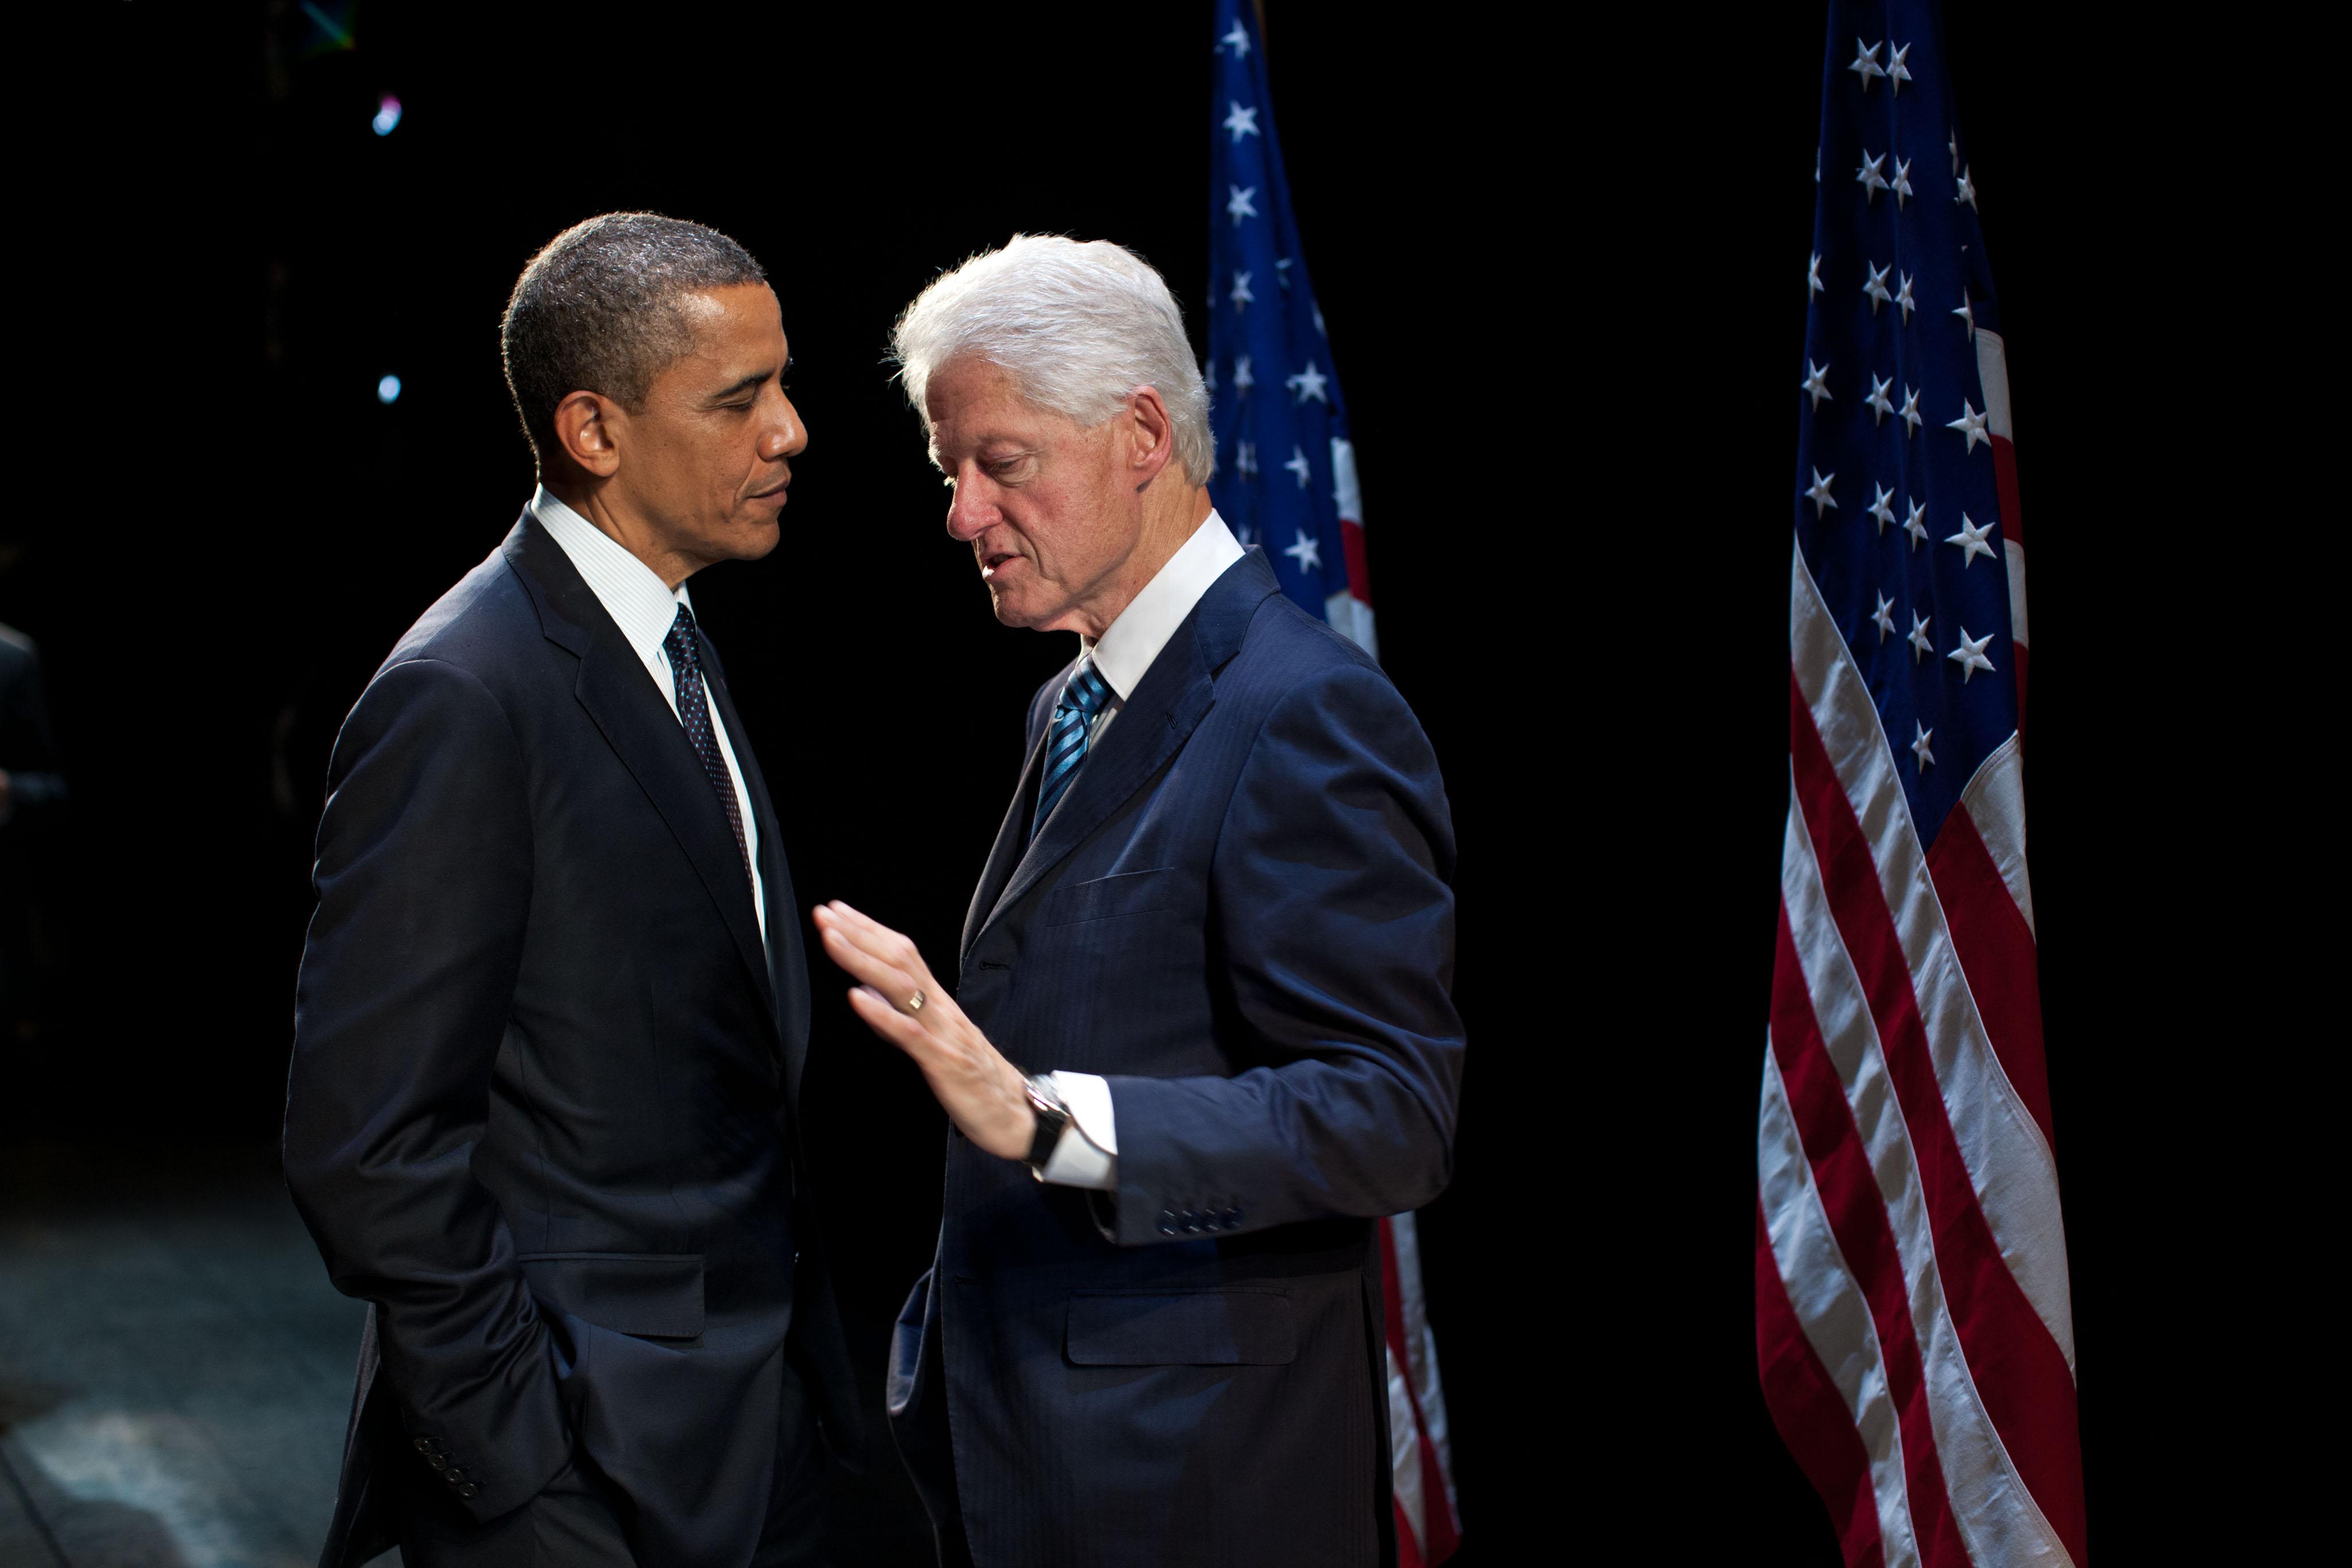 Bill Clinton. (Credit: timetobreak.com)